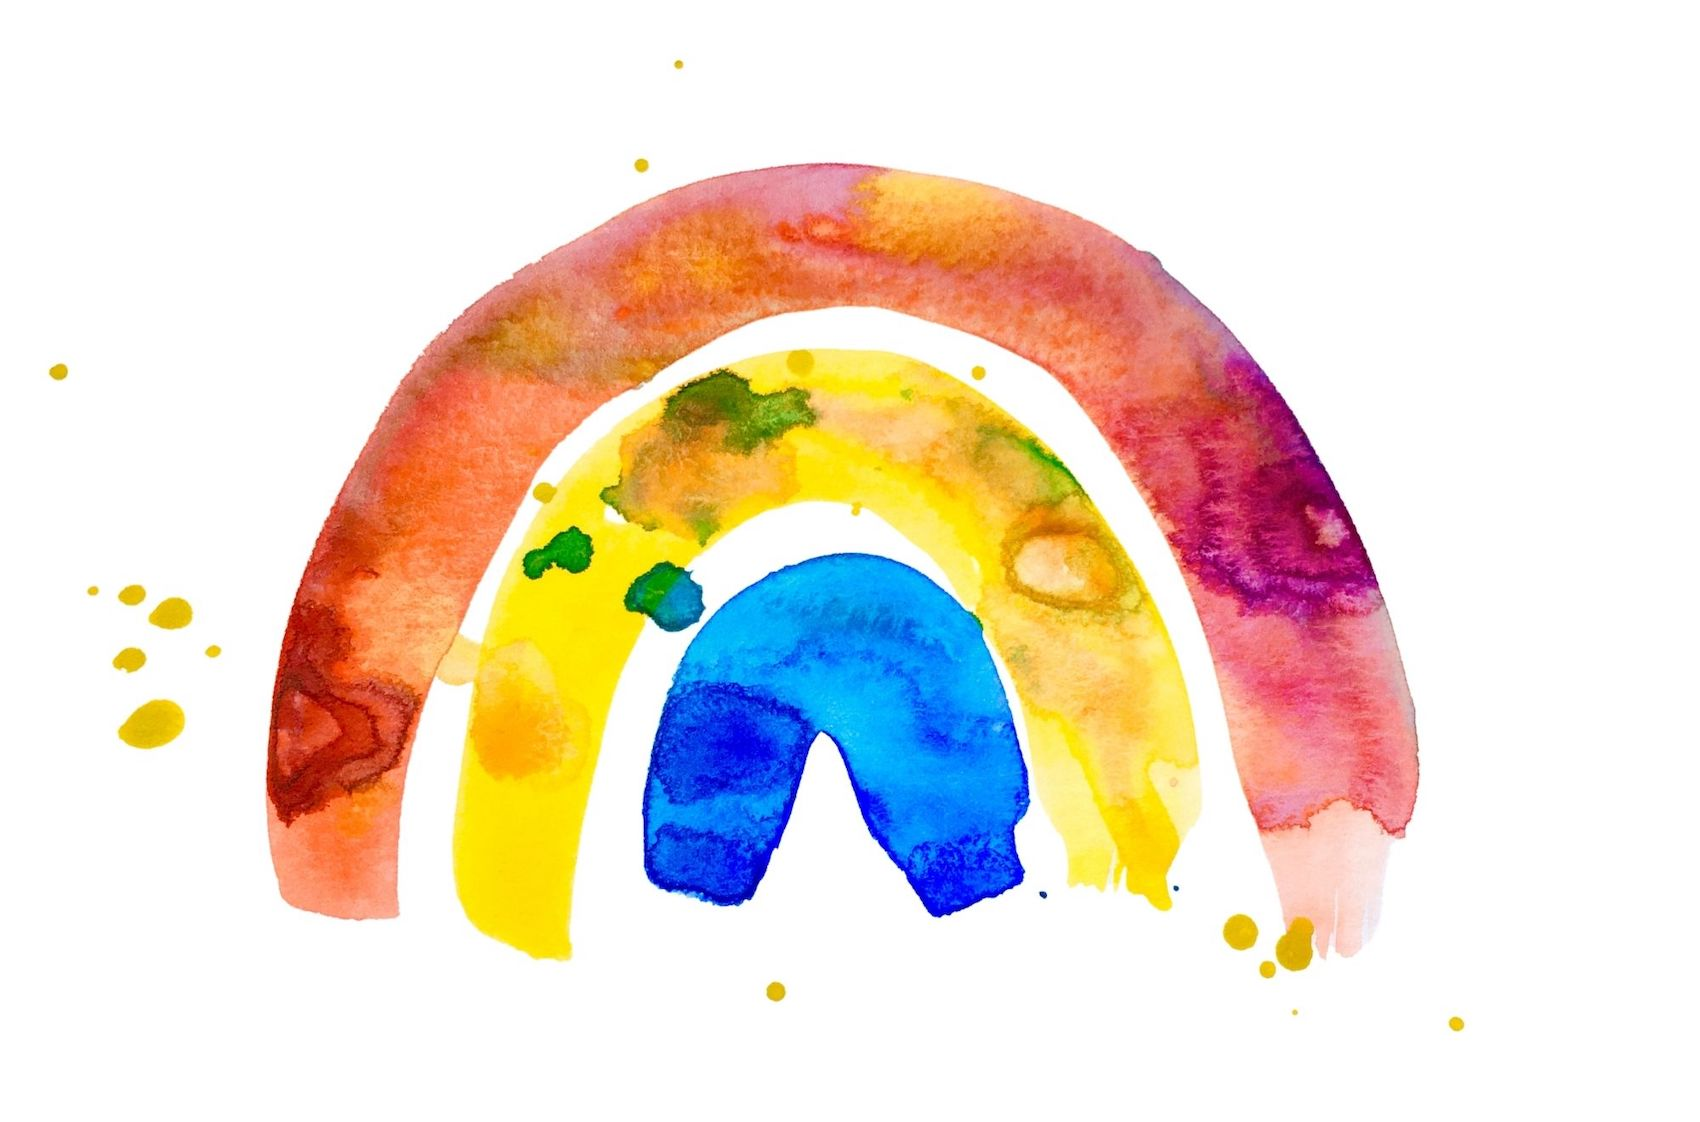 Rainbow watercolour - Rhiannon Adler